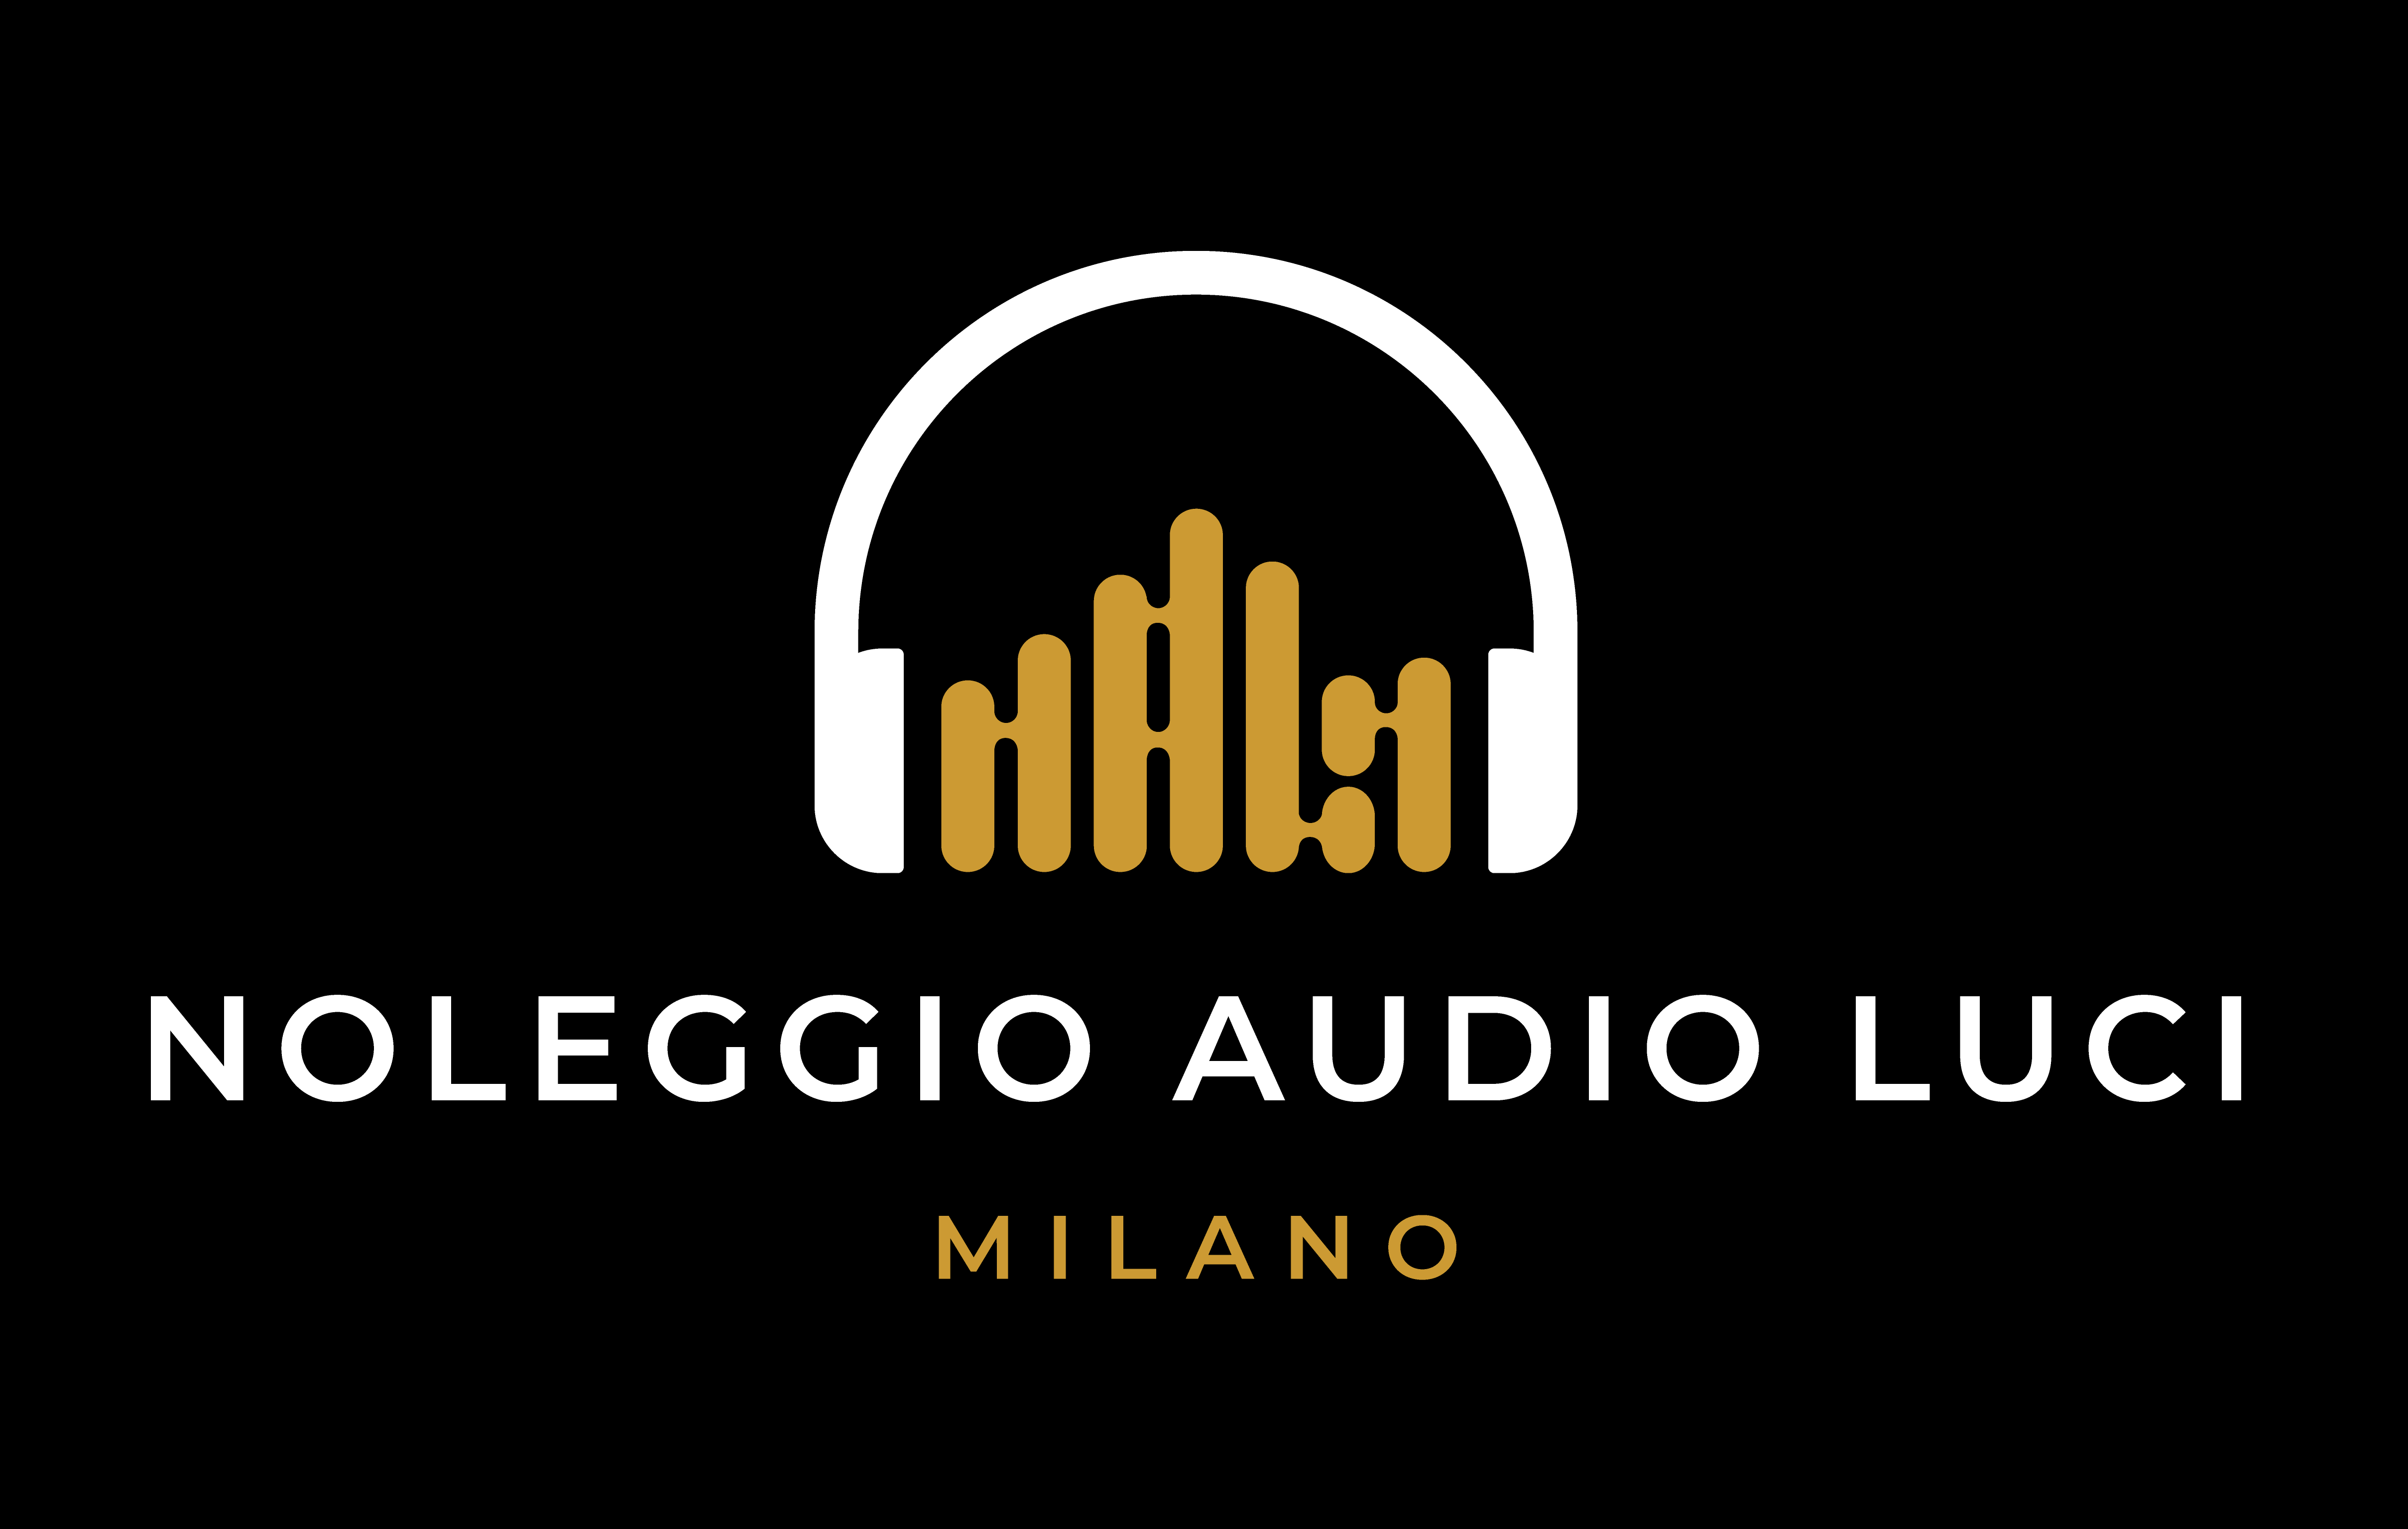 NOLEGGIO AUDIO LUCI MILANO